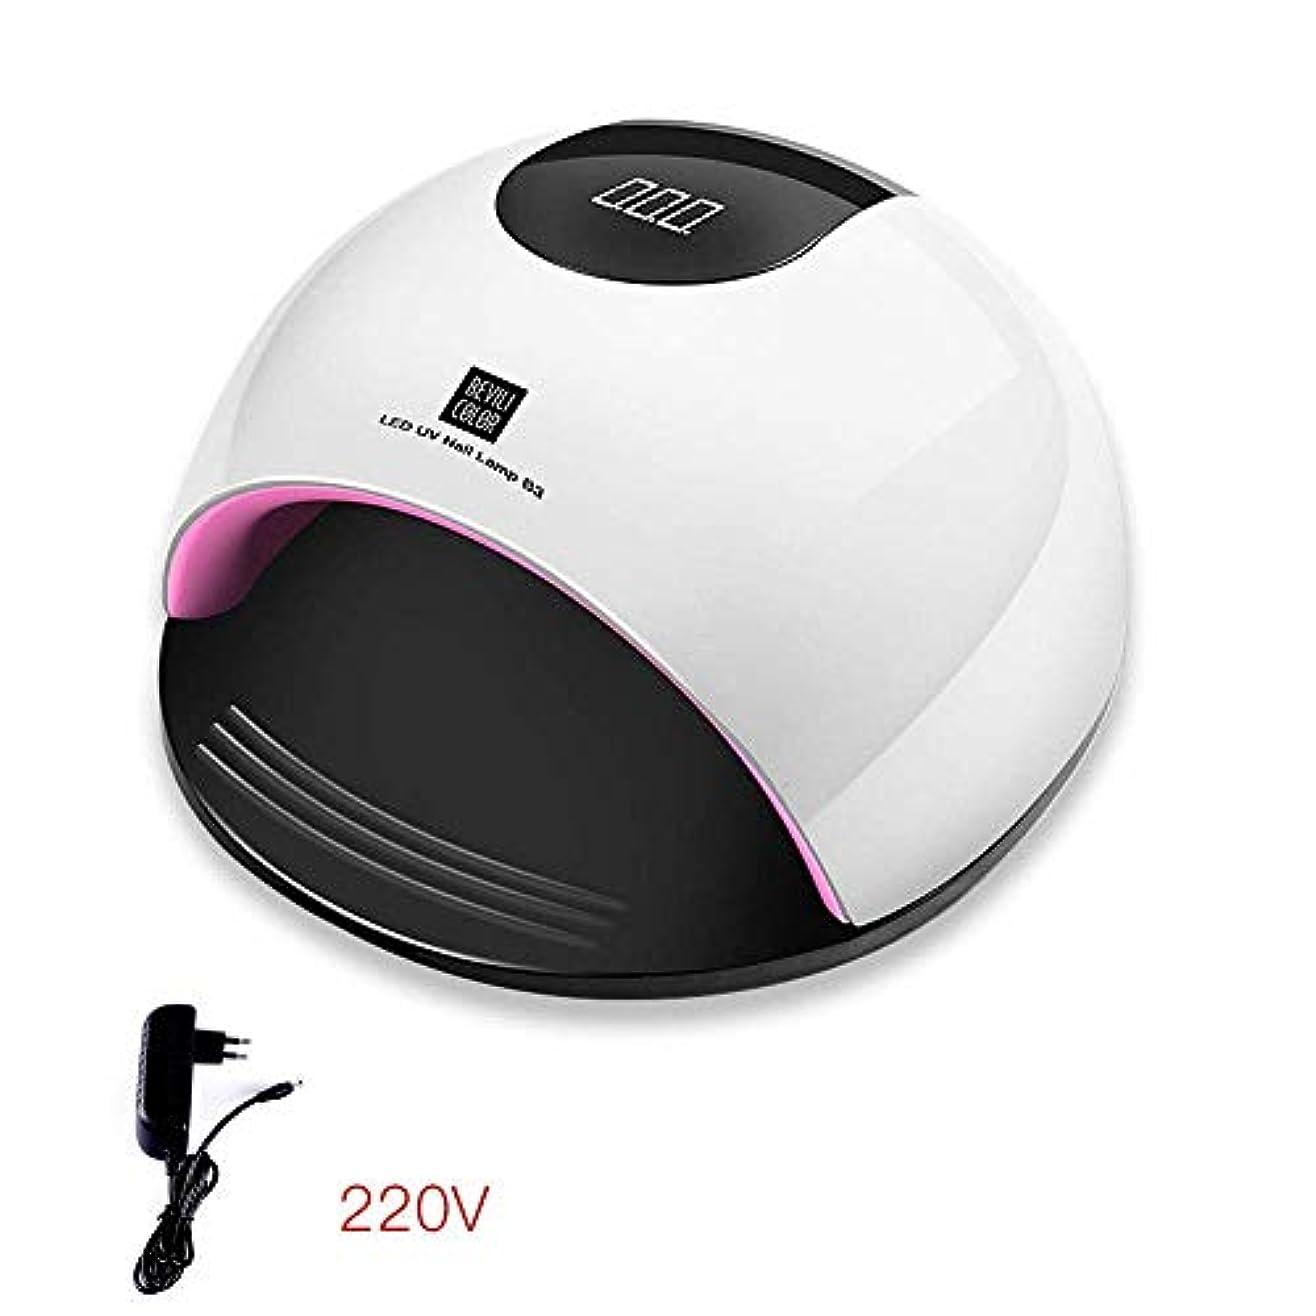 副溶かすホーン80ワットハイパワーネイル光線療法機は軽い速乾性ネイルランプ誘導ネイルベーキングランプドライヤー、ブルー (Color : White)